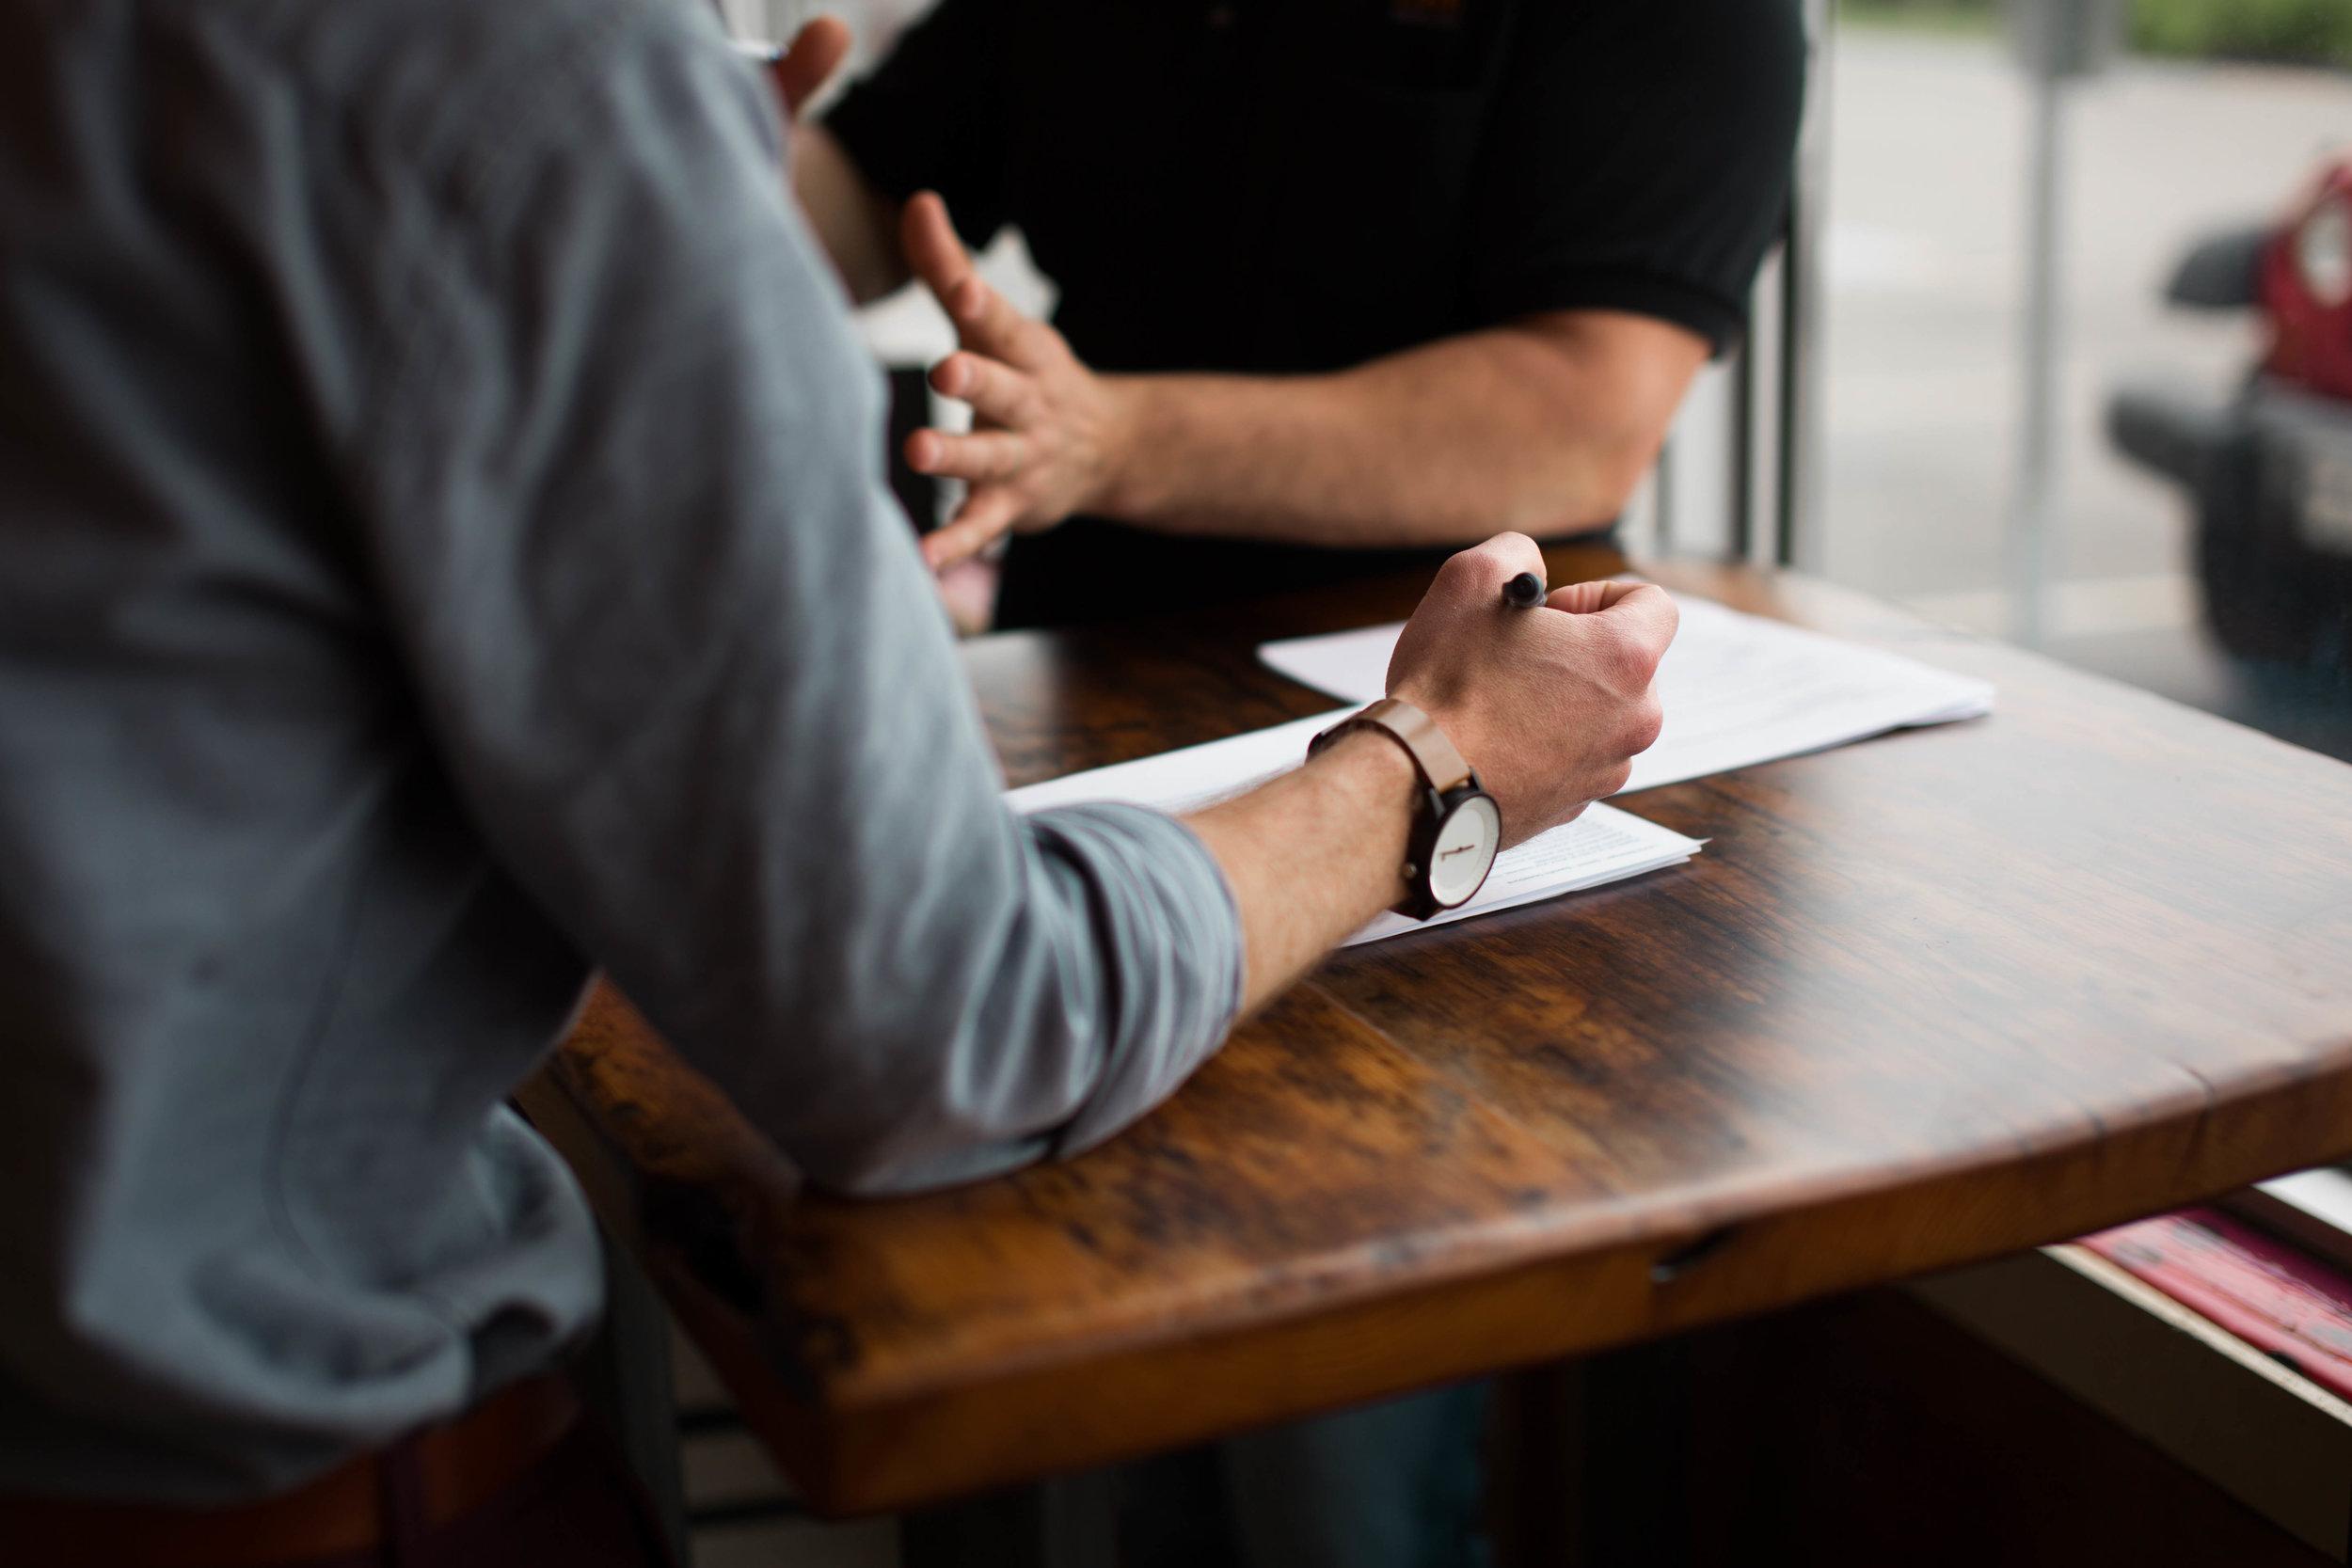 outsourcing teamwork brand development